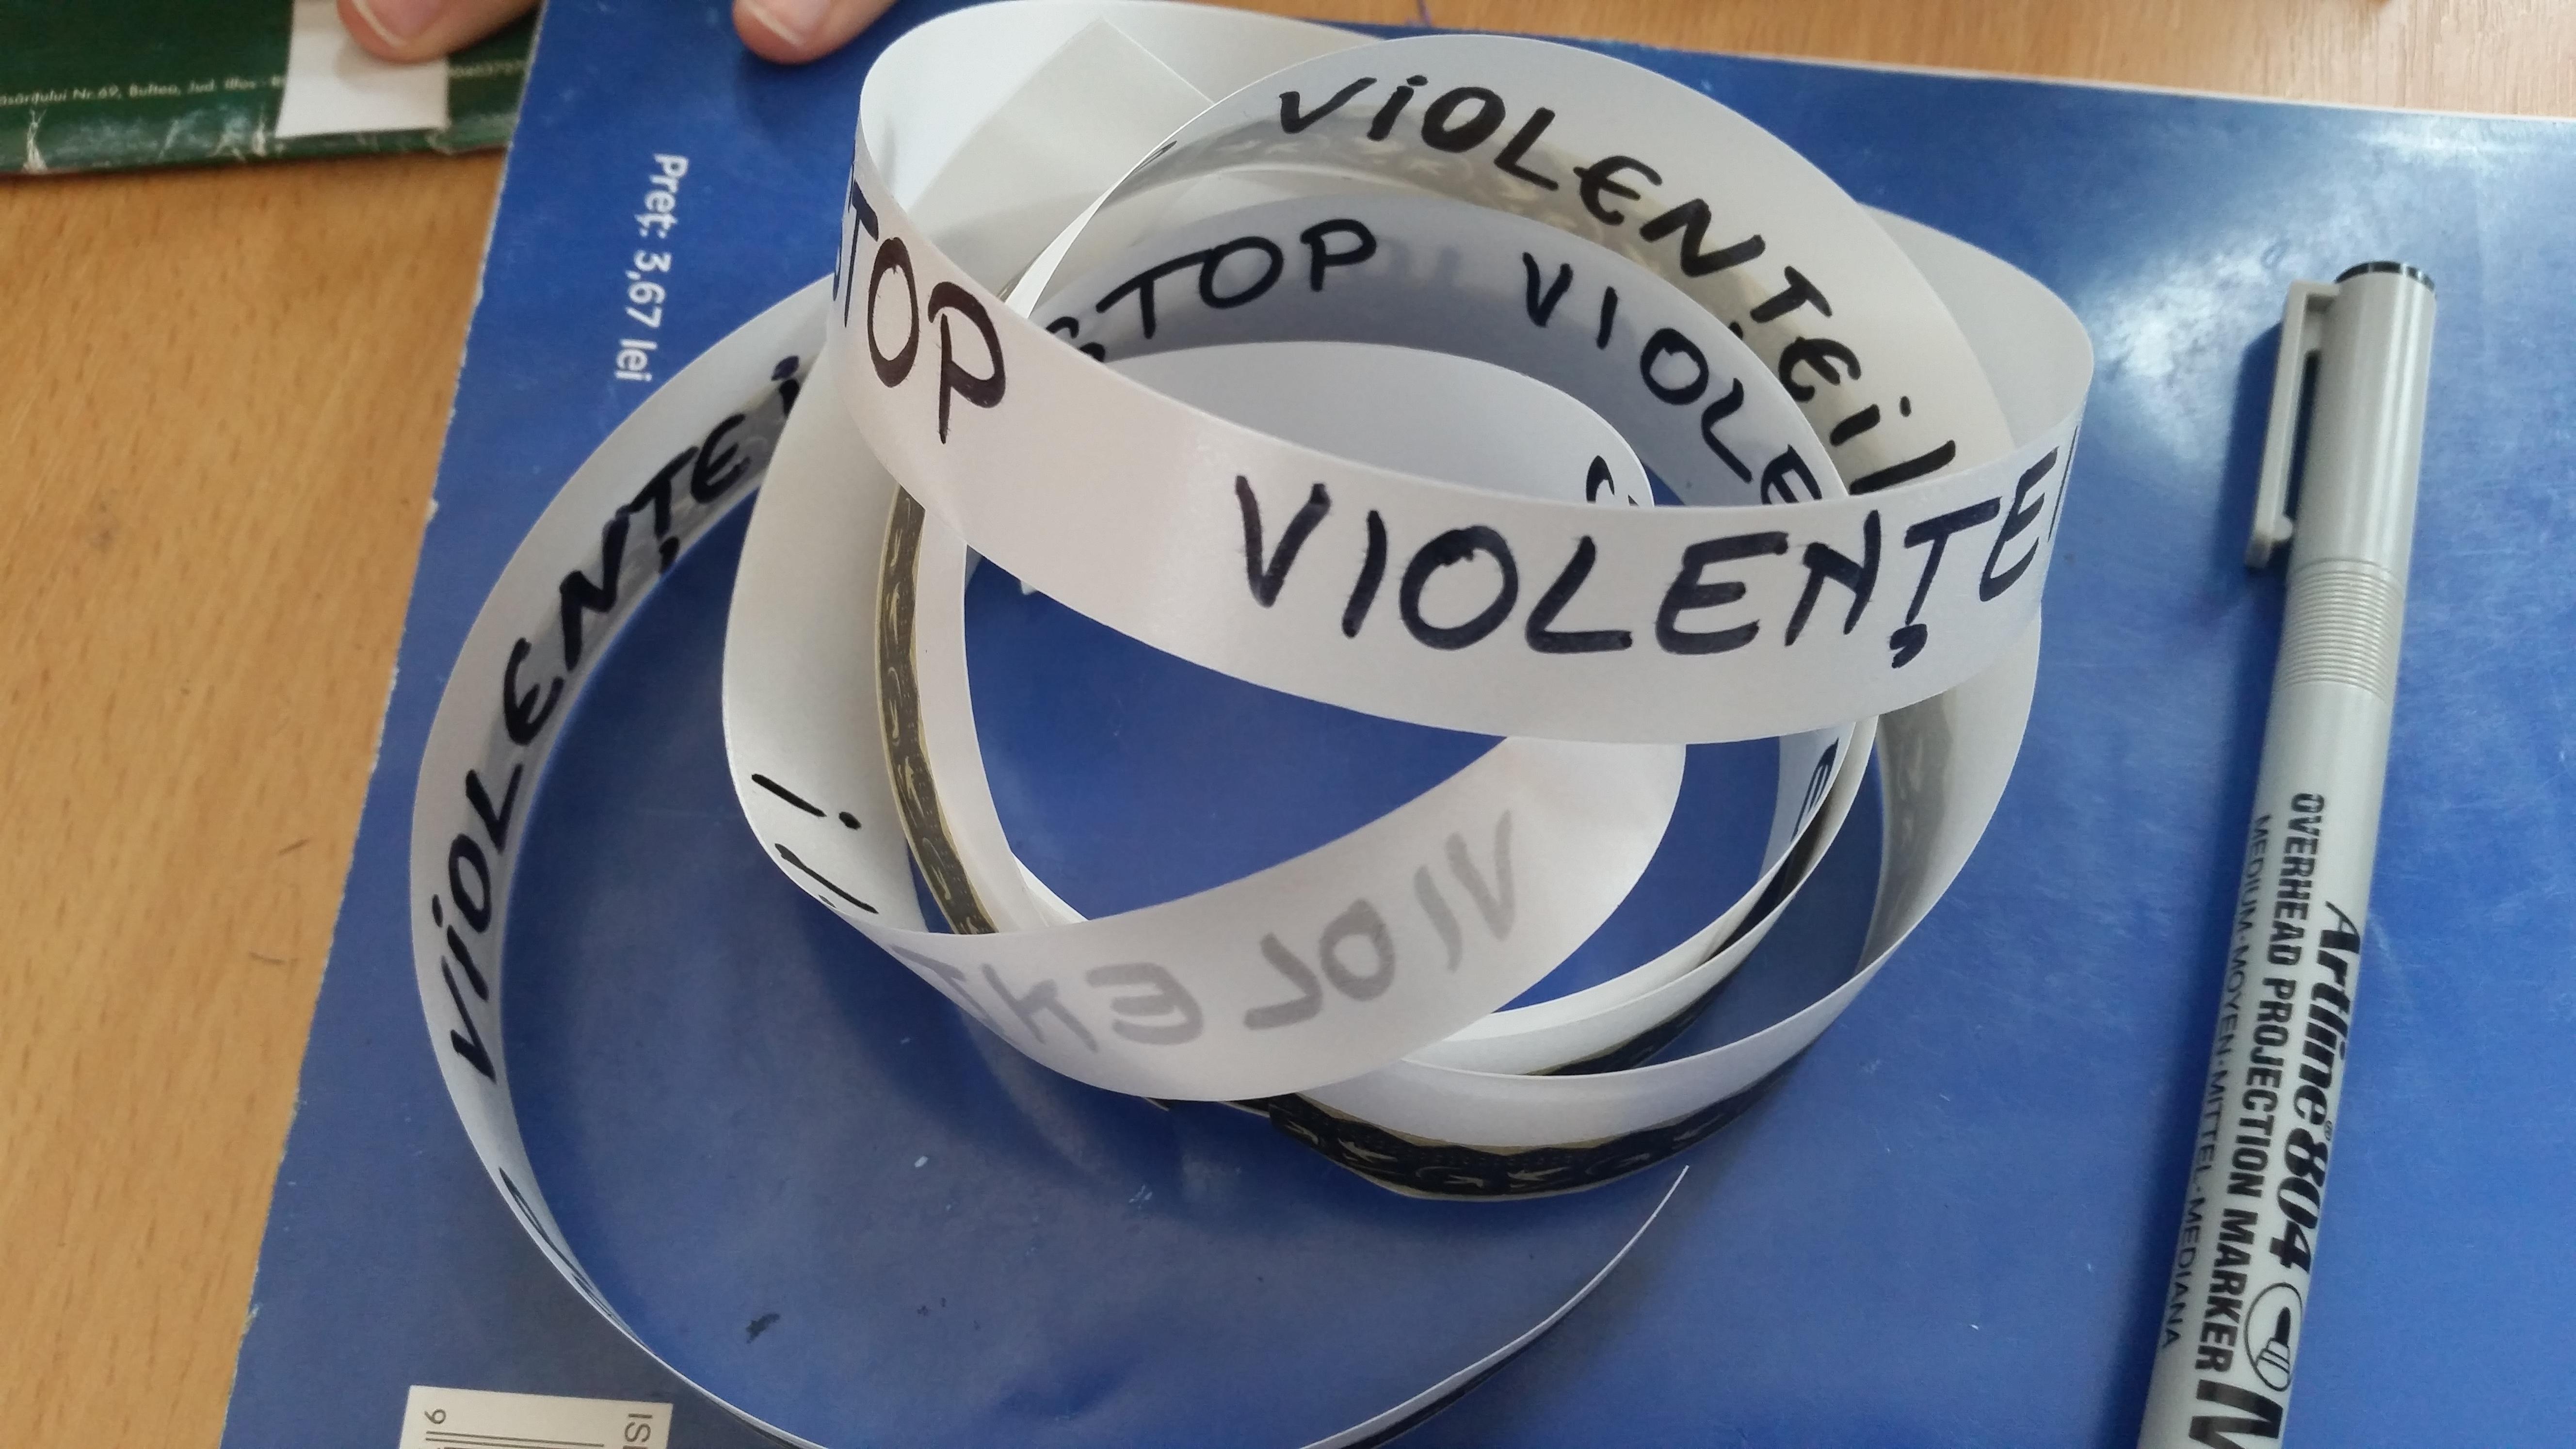 7 Proiect Viata fara Violena - Daria Belei - clasa a-IX-a B - Colegiul National Mihai Eminescu